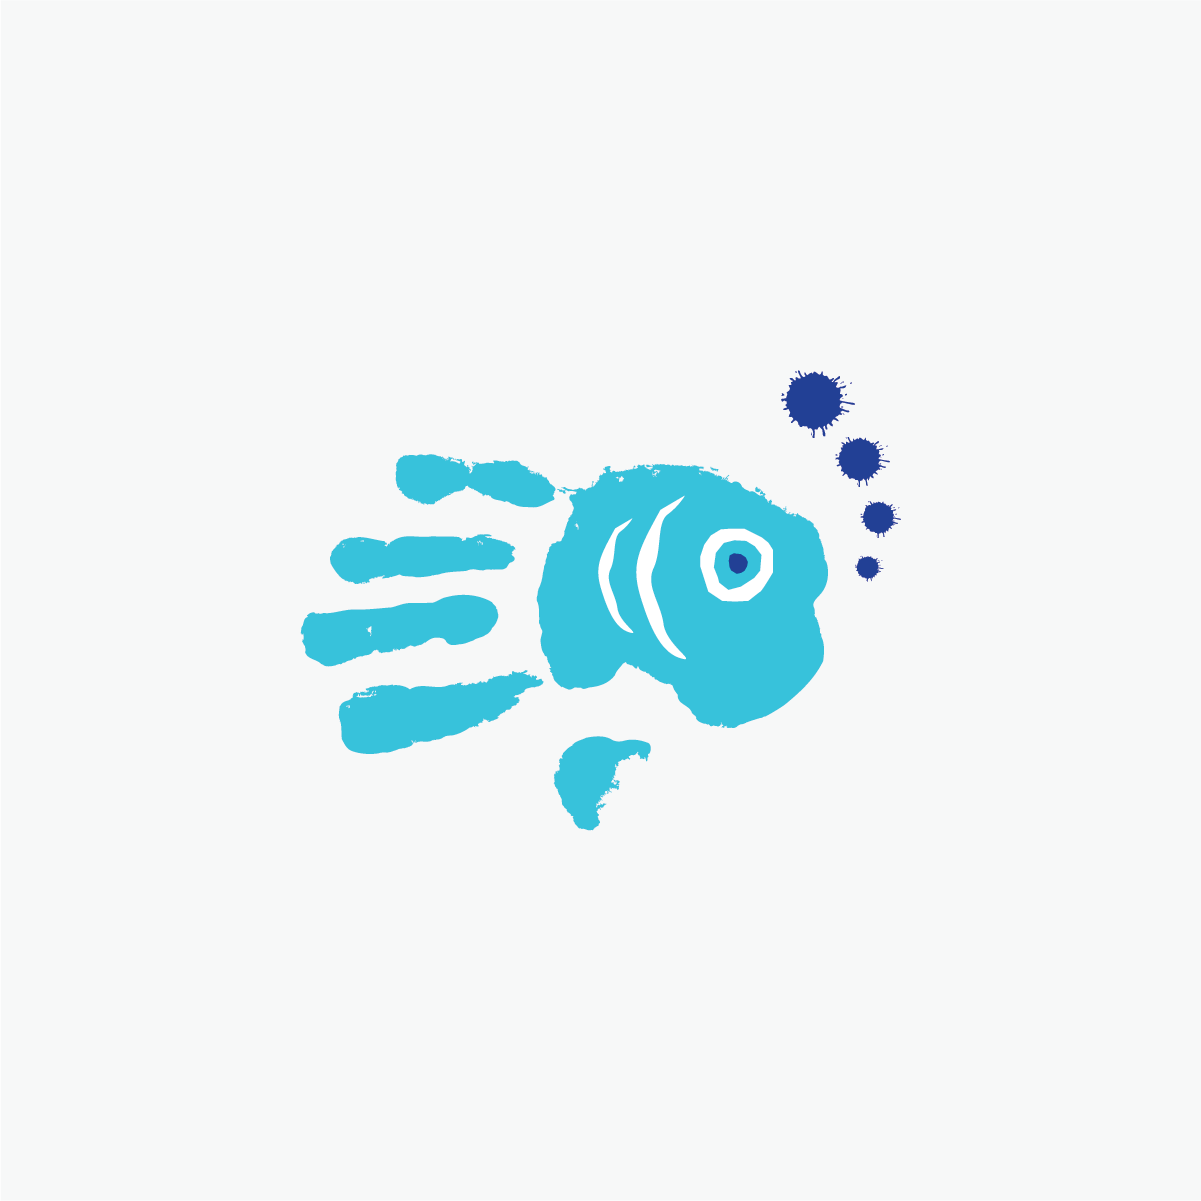 JD_Logos-22.png